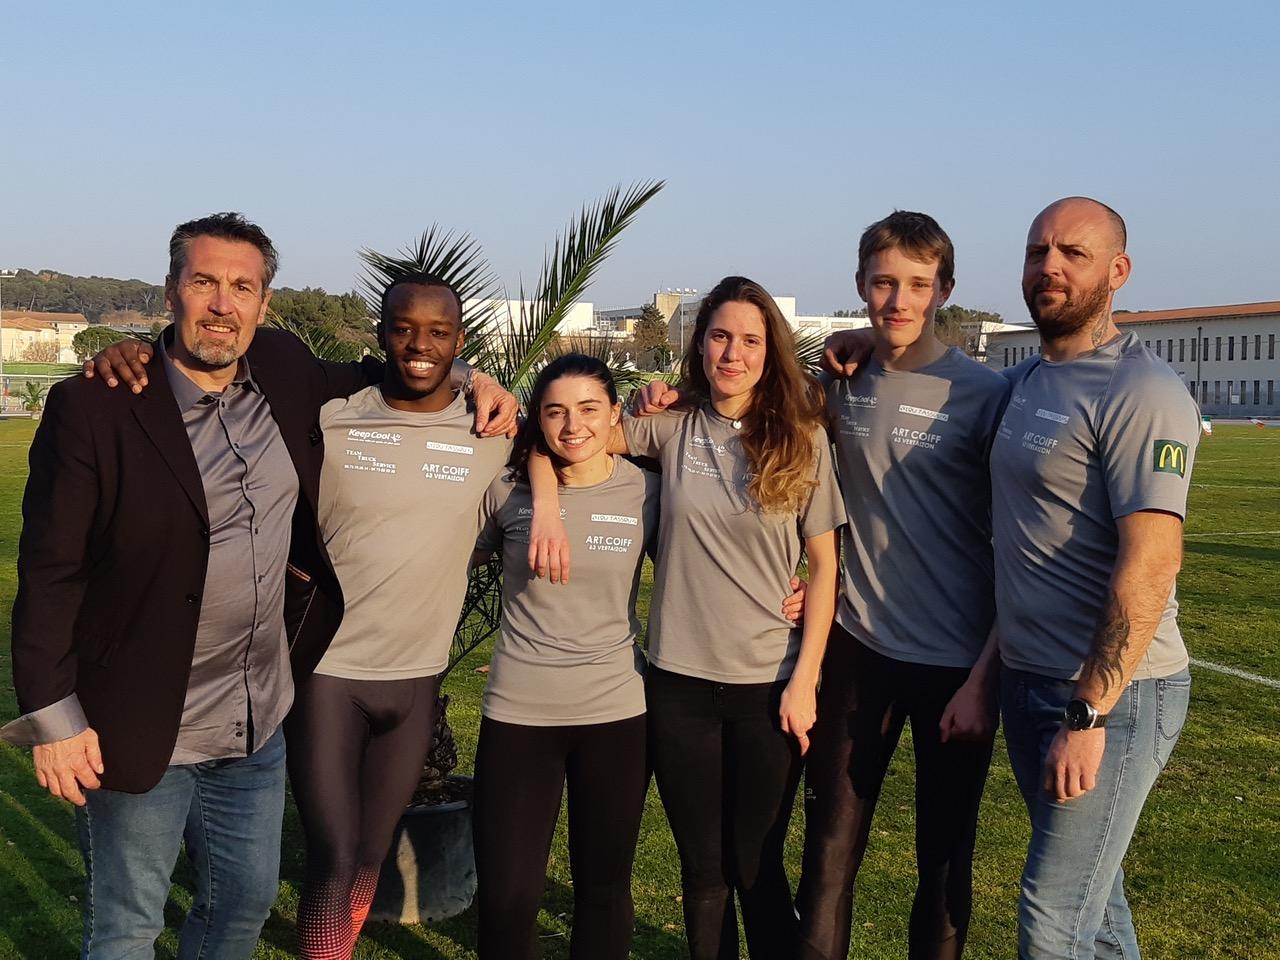 De Gauche à Droite : Christophe Pailler, Clément Maisonneuve, Anne-Laure Souche, Aurore Pailler, Benjamin Tixier et Anthony Forestier